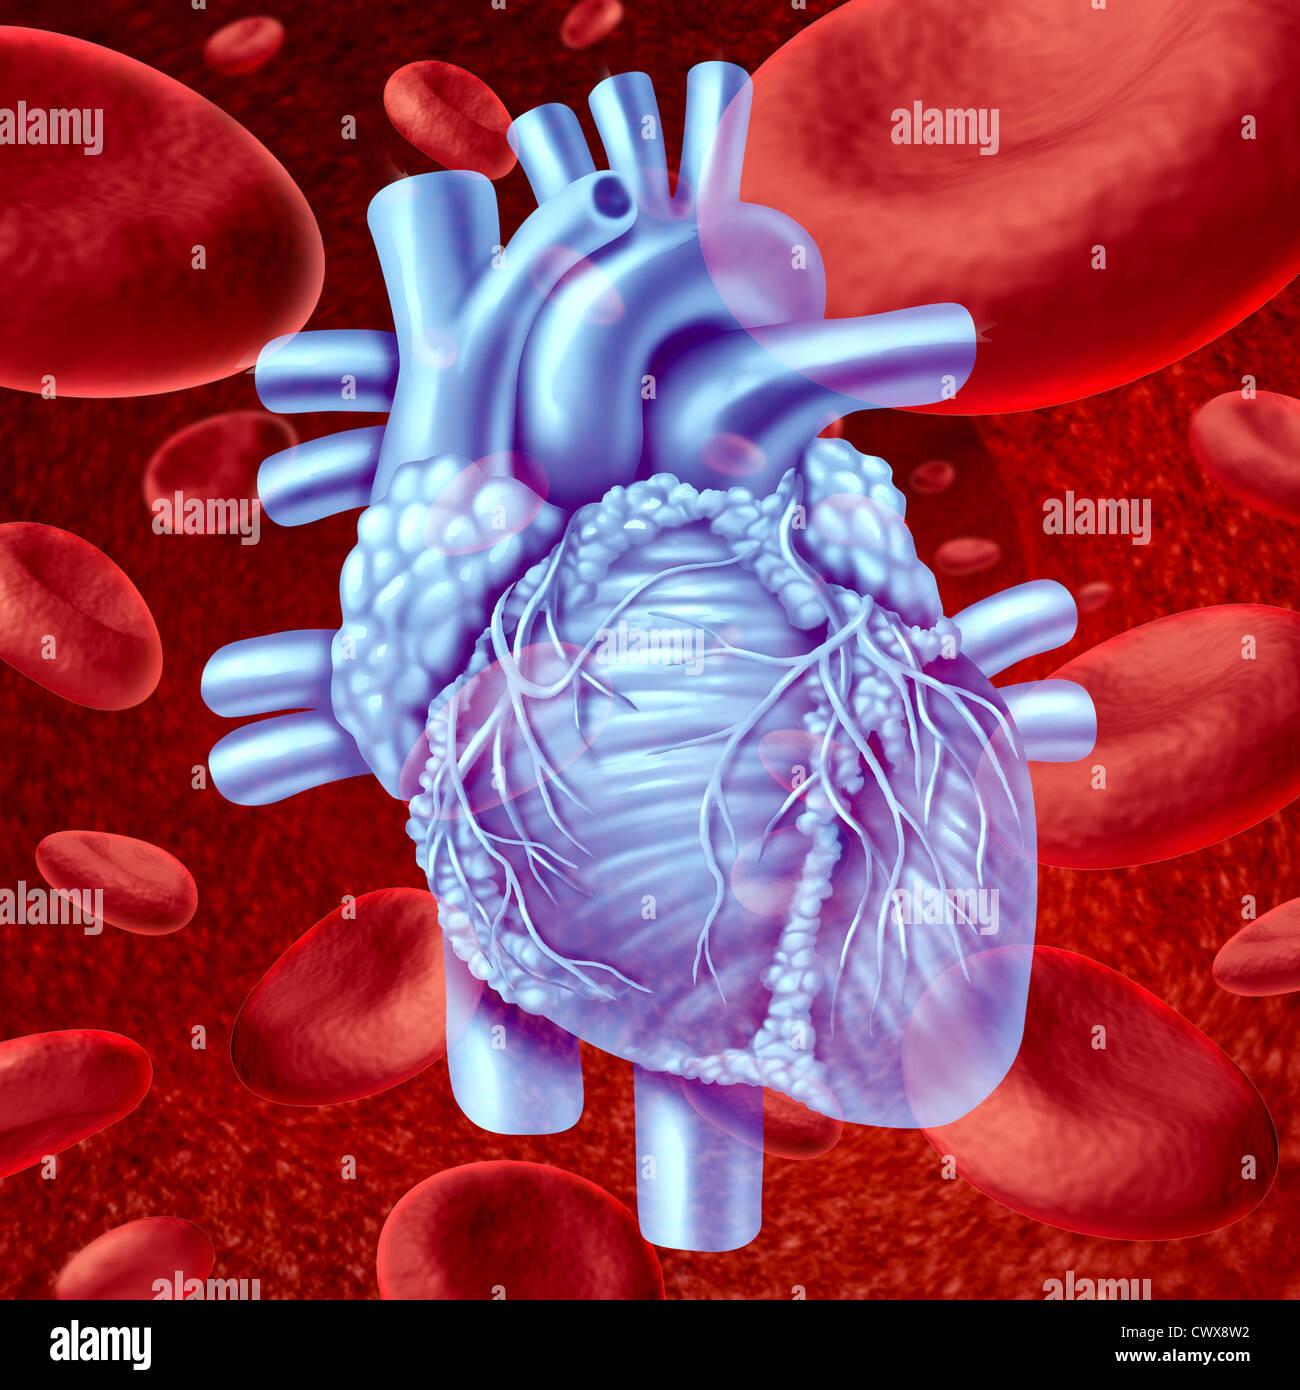 Anatomie des Menschen Herz Blut fließen mit mikroskopisch kleinen ...